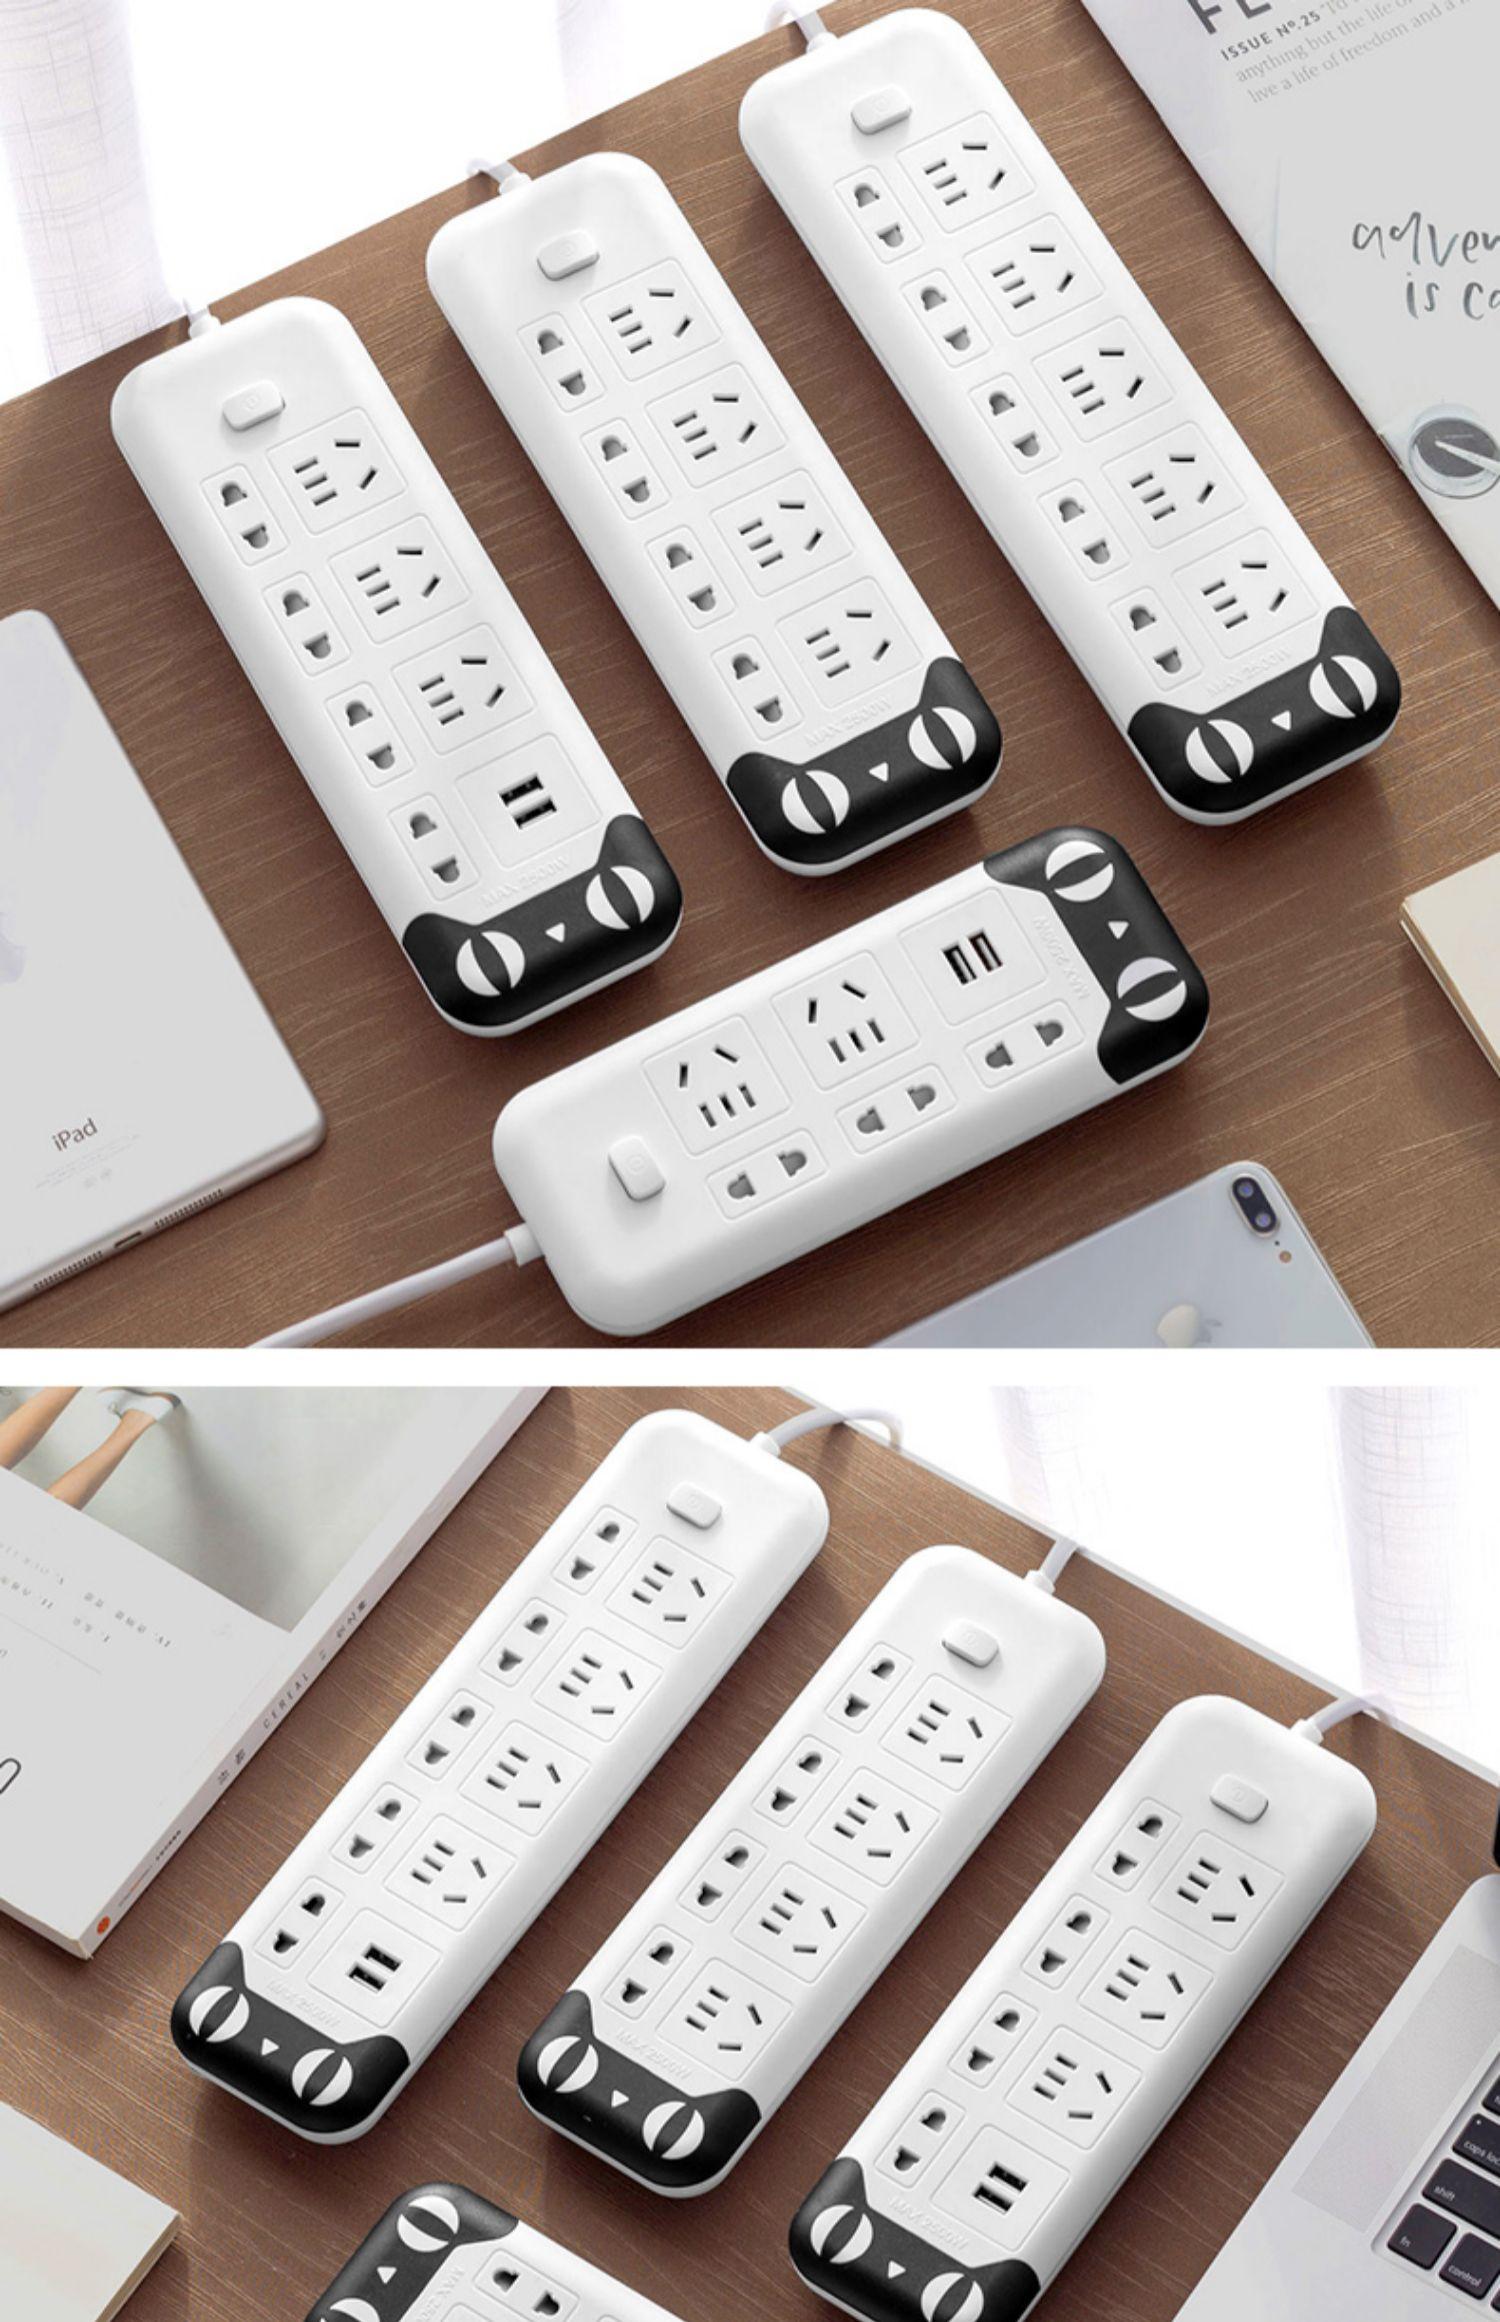 爬墙插线板多功能排插排带线USB插座面板多孔办公拖线板宿舍家用商品详情图